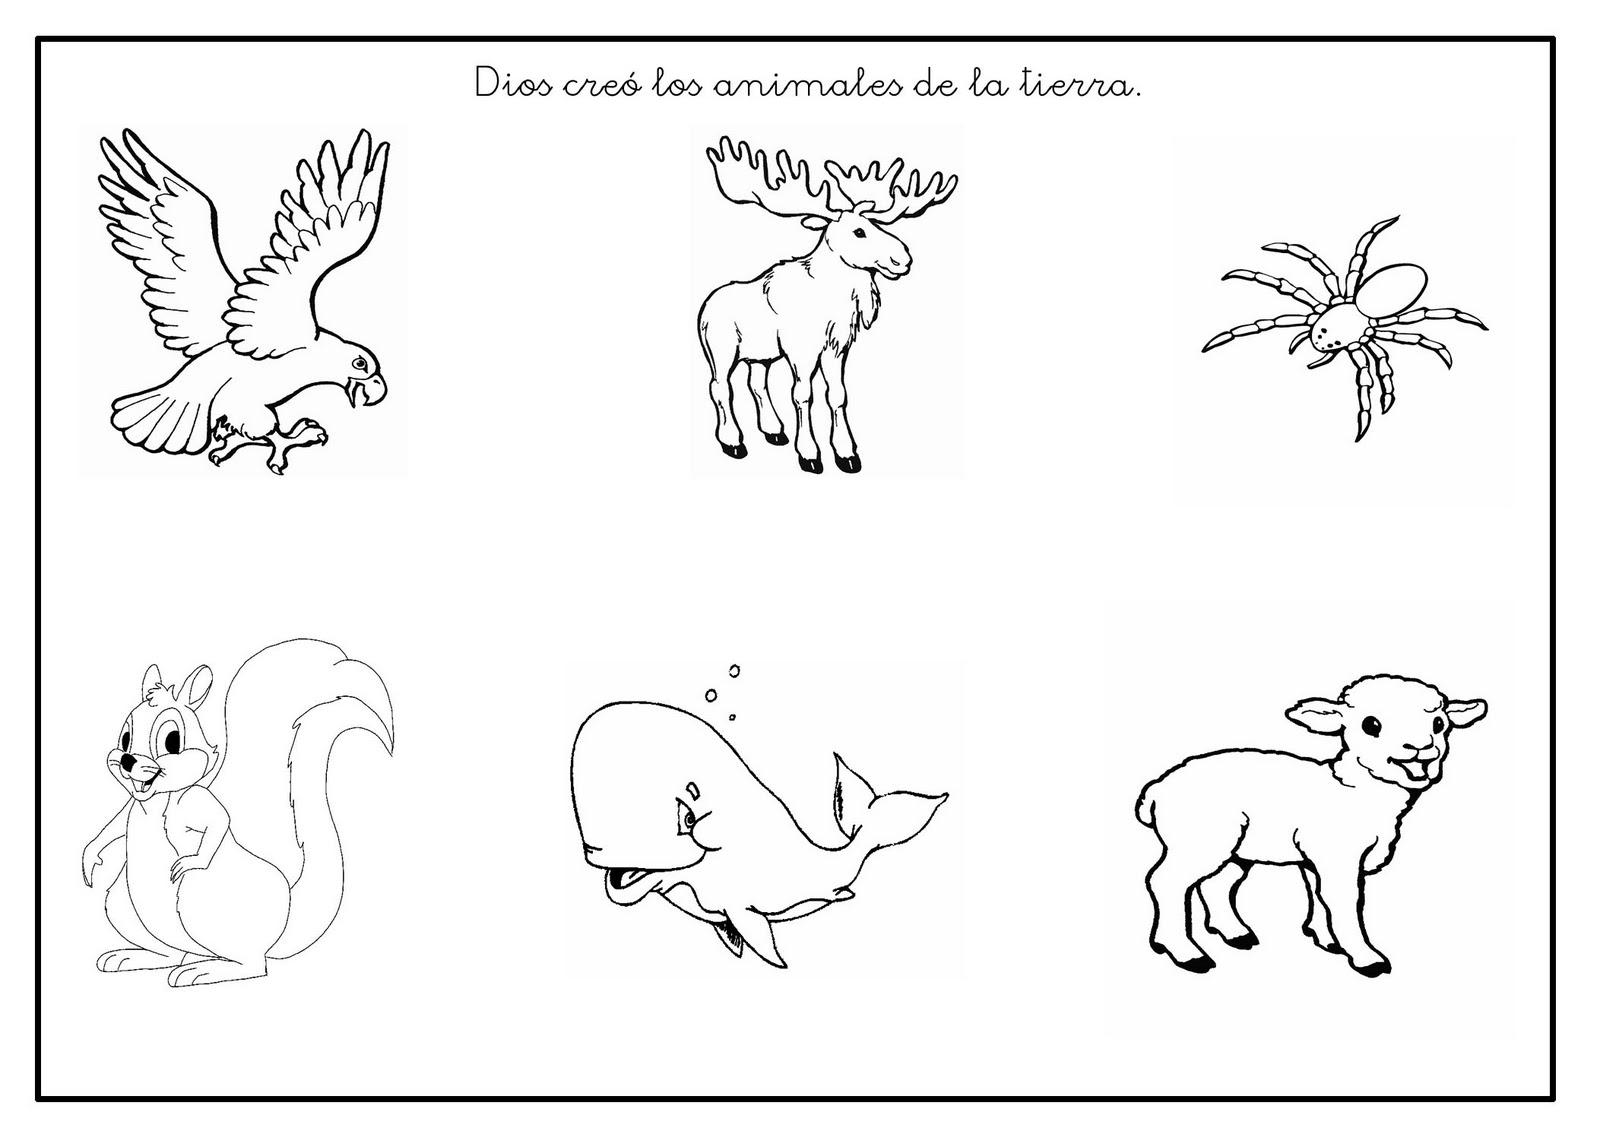 Ficha: Dios creó los animales de la tierra.